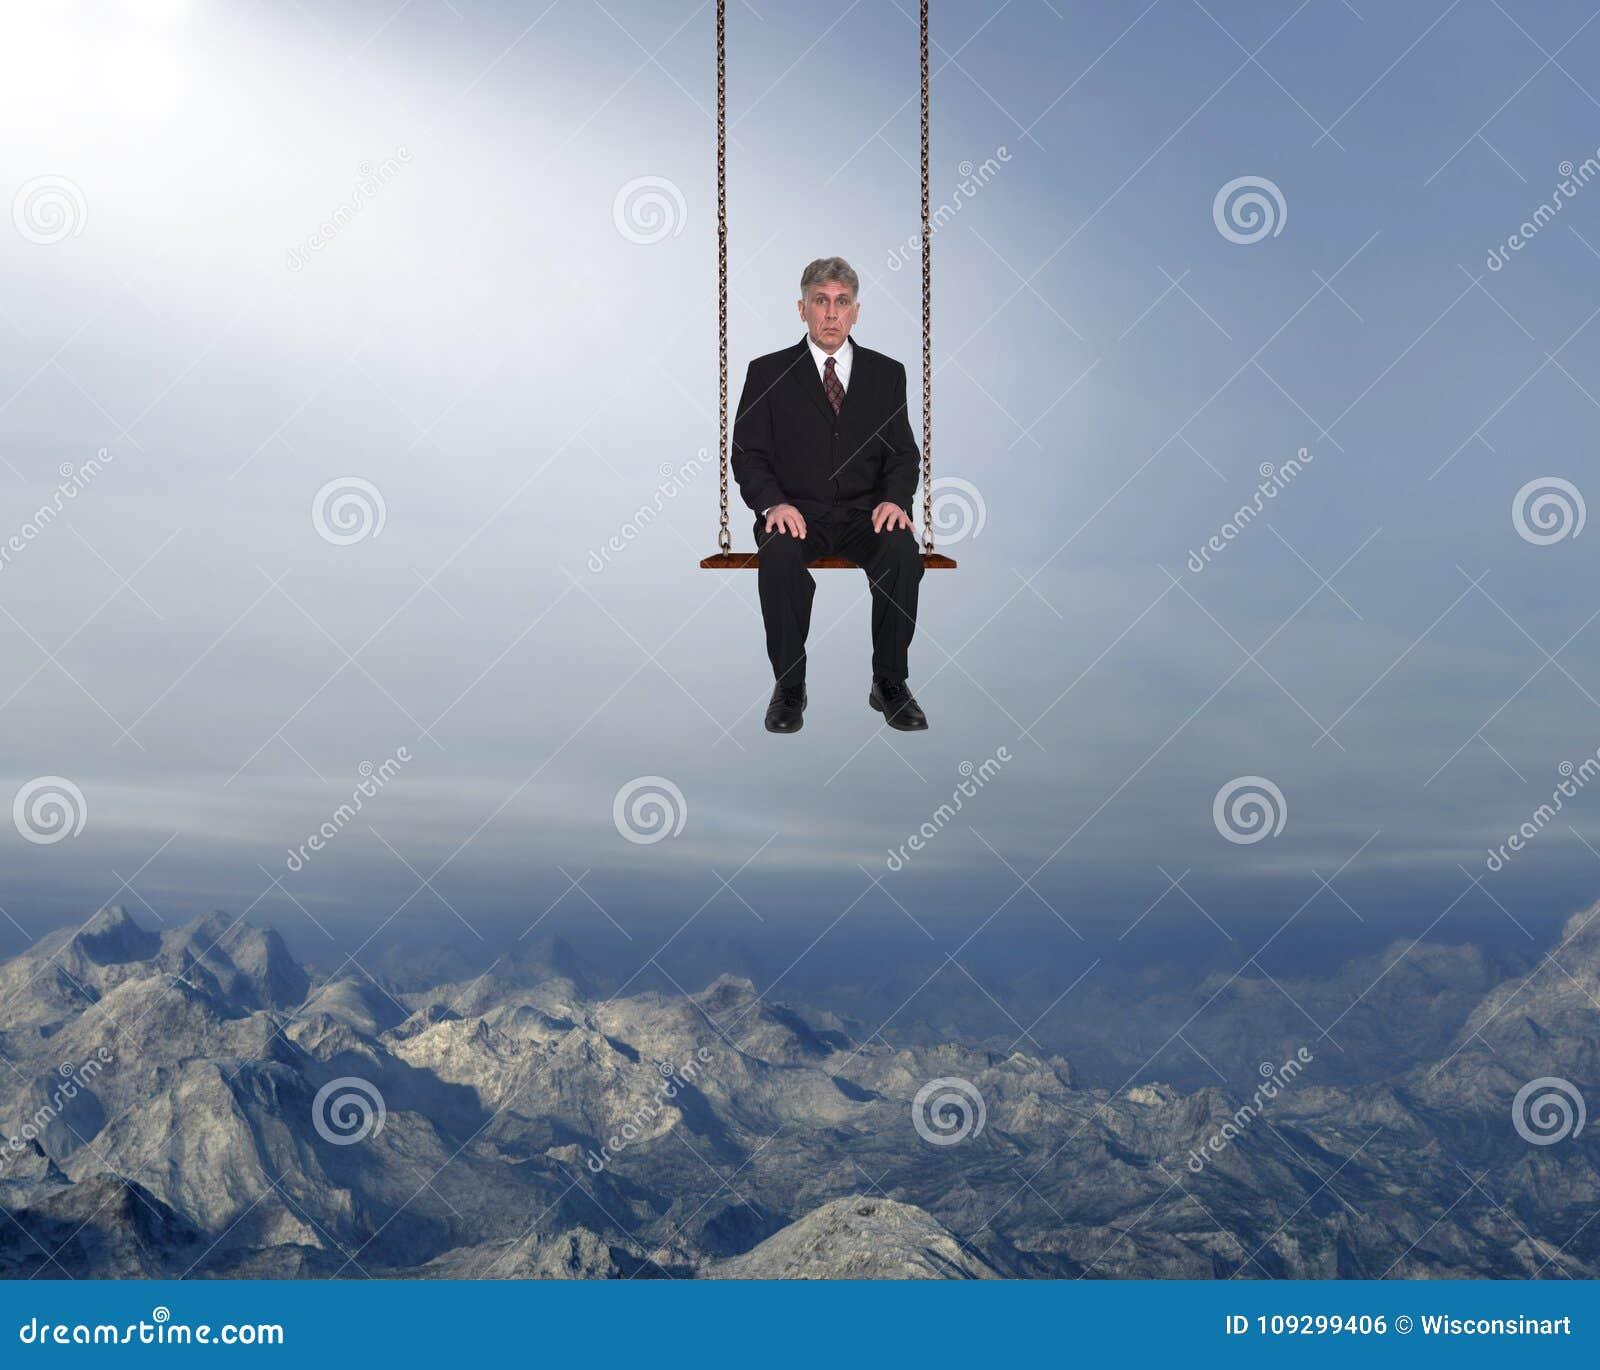 Gestão de riscos, negócio, vendas, mercado, homem de negócios surreal